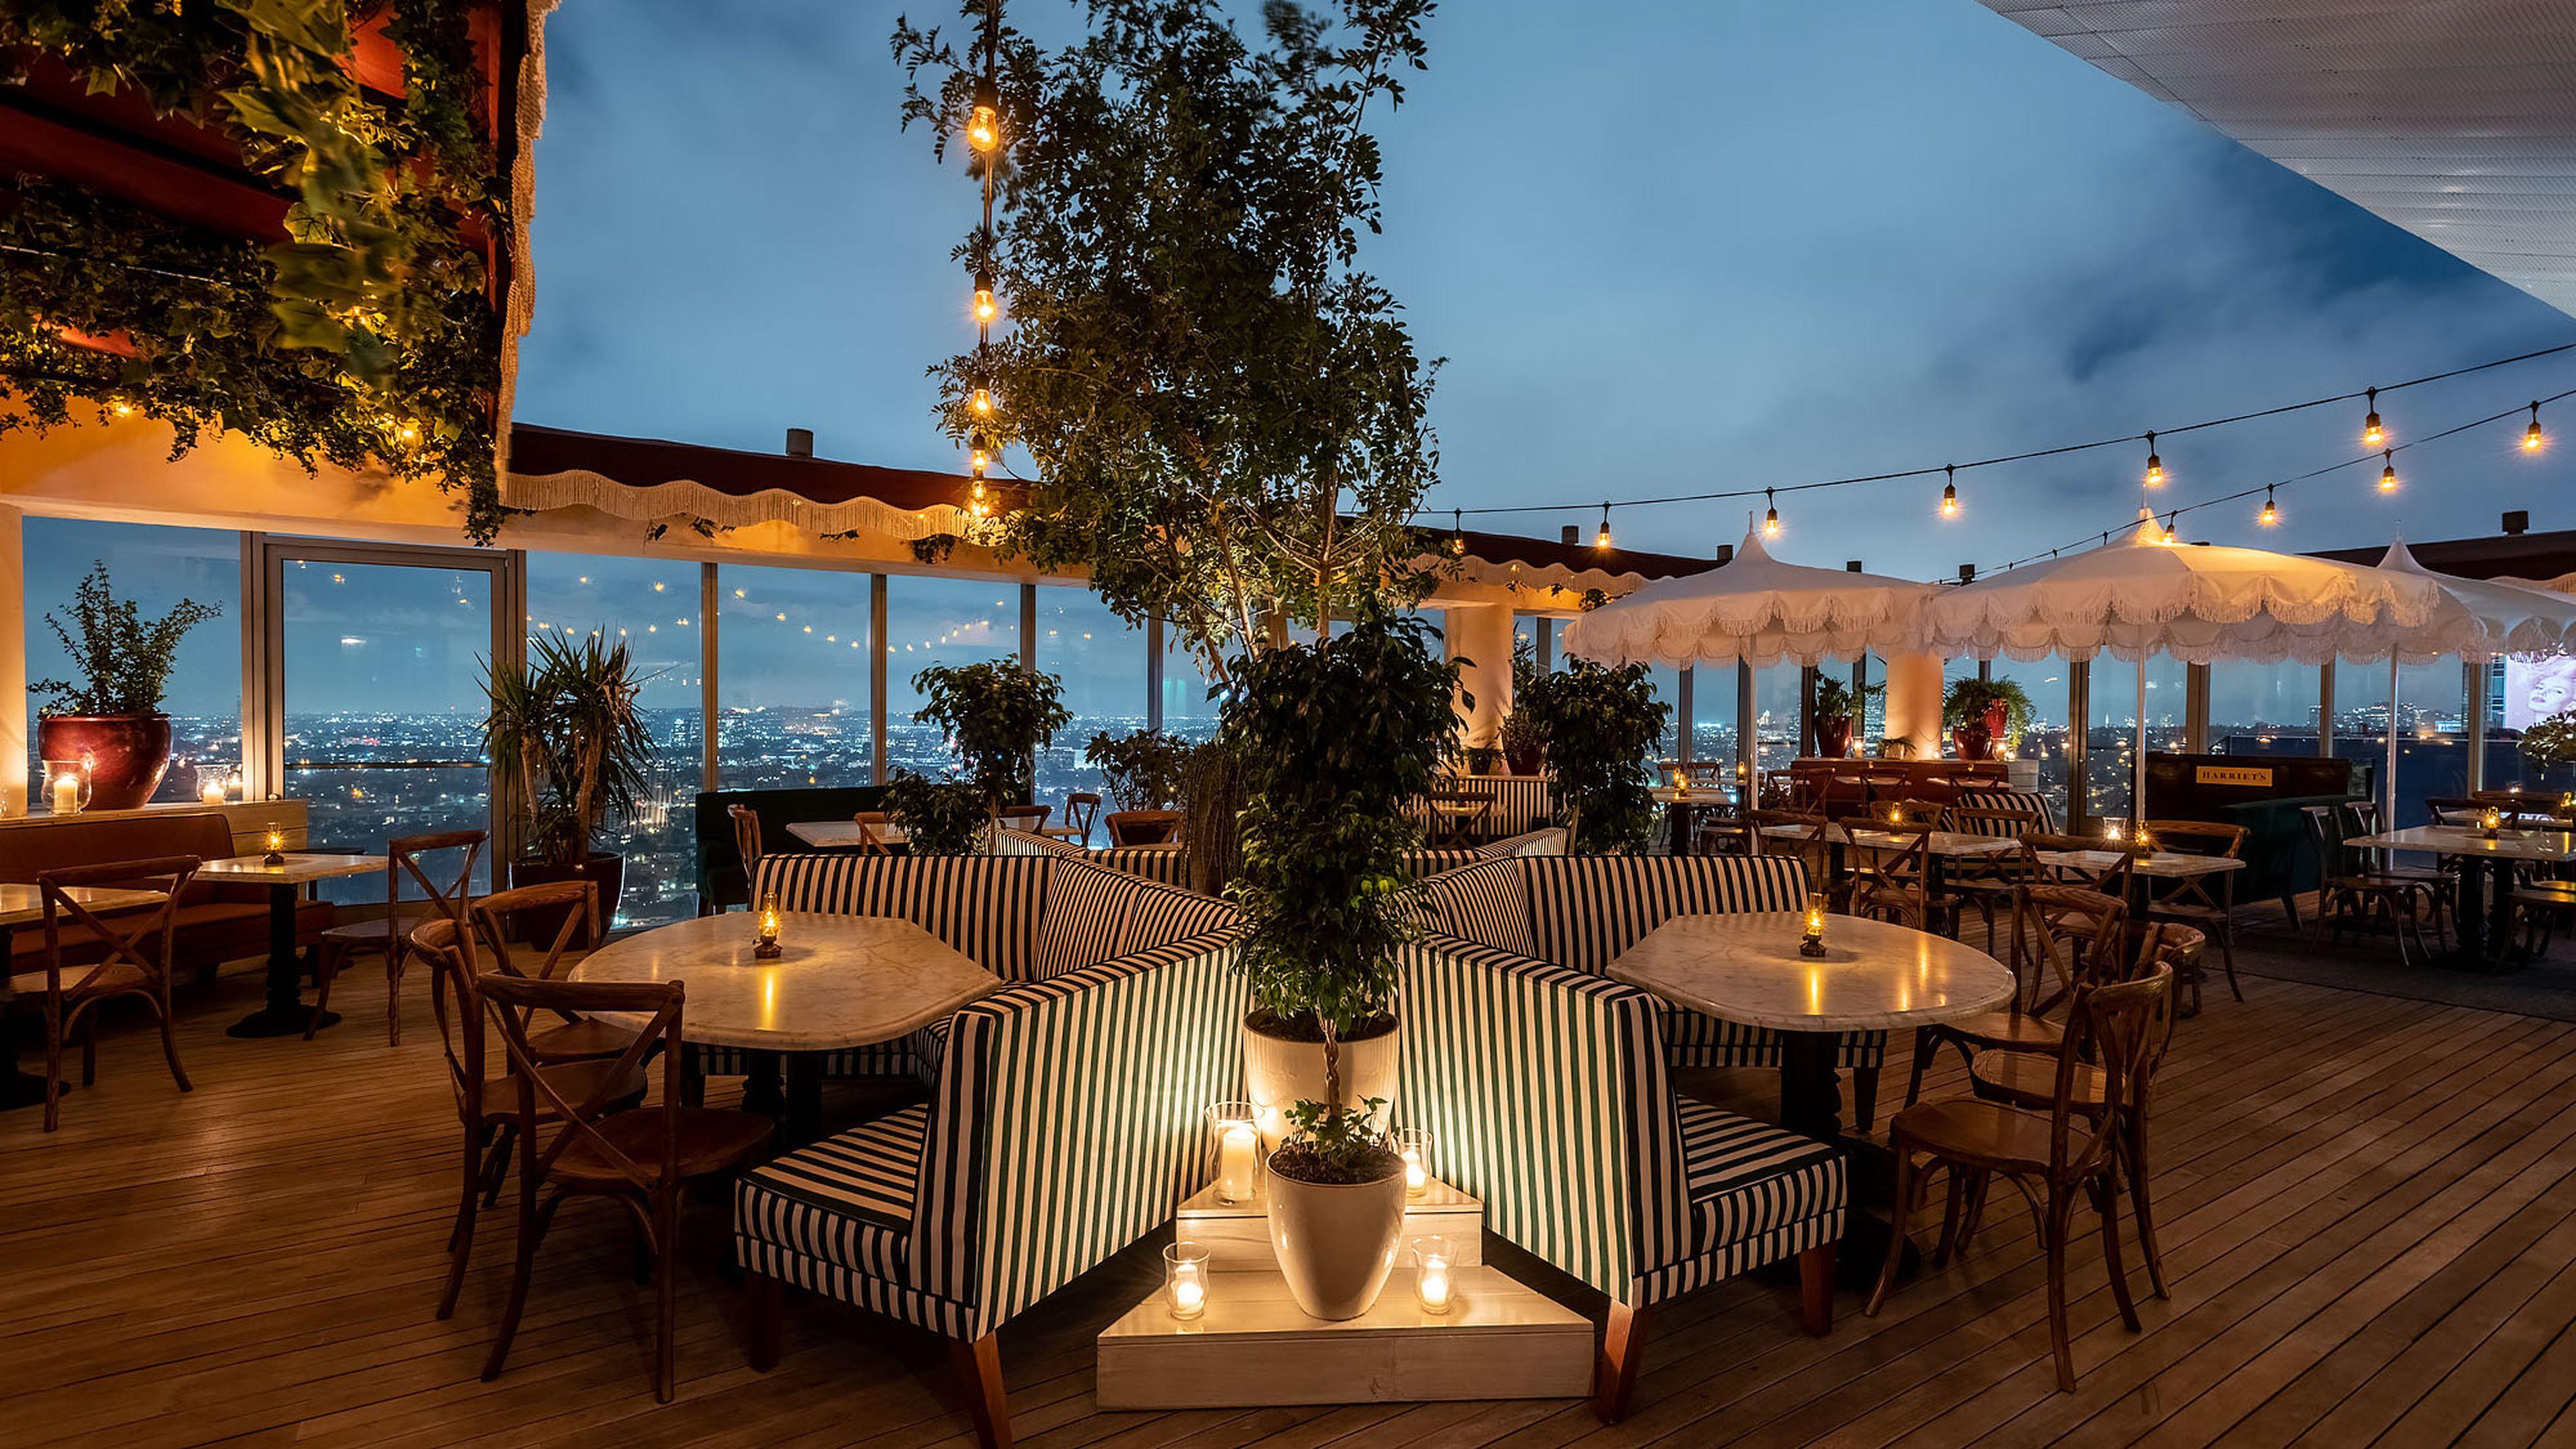 Harriet S Soaks Up Big La Views From Lofty Sunset Strip Rooftop Rooftop Restaurant Design Rooftop Bar Design Best Rooftop Bars